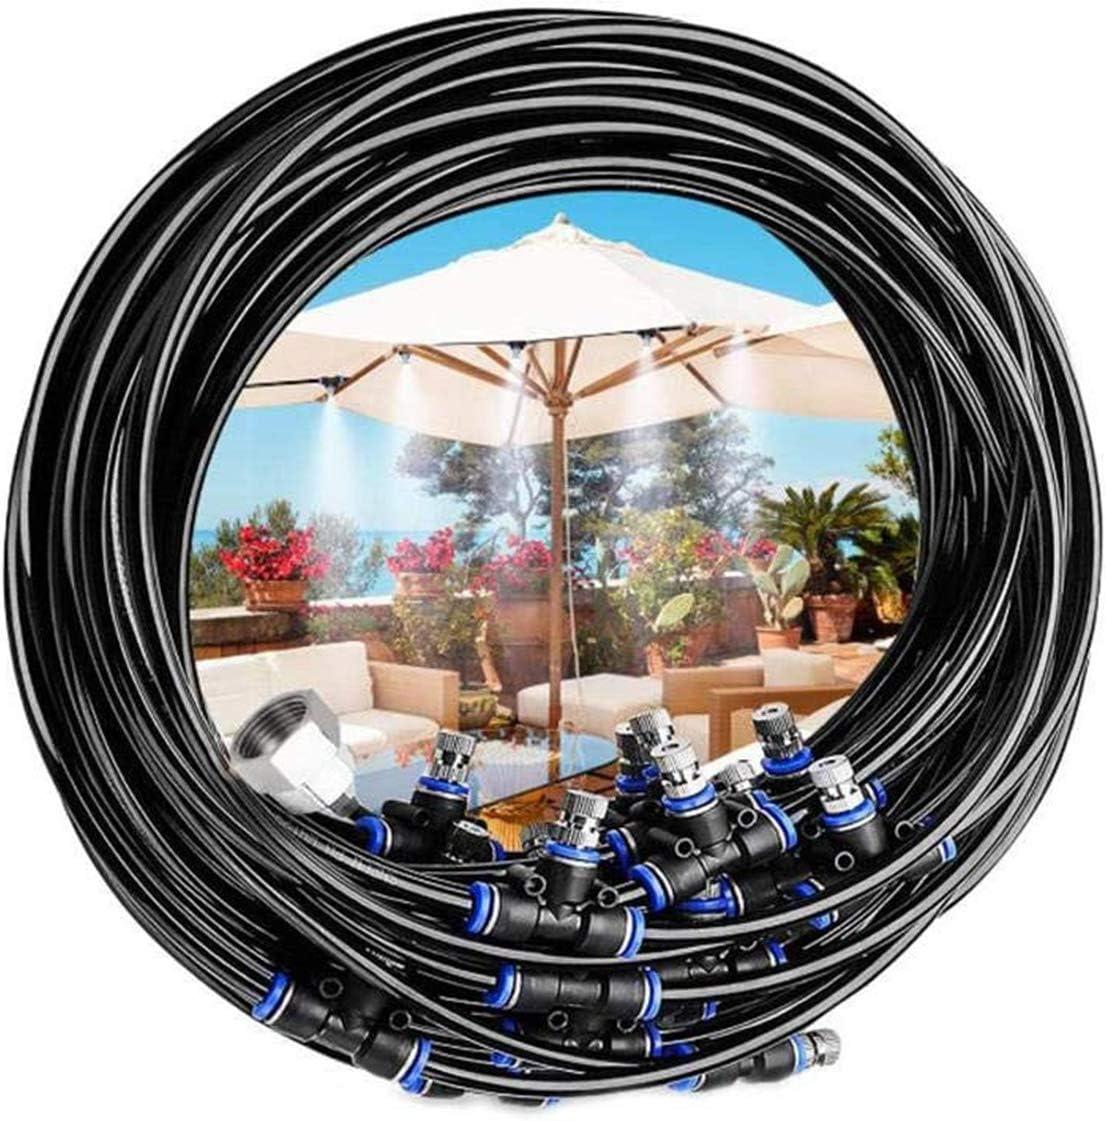 Juego de aspersores para trampolín de Rehomy, juego de agua de verano, accesorios para trampolín, juguete de agua divertido, sistema de refrigeración de nebulización (18 m)